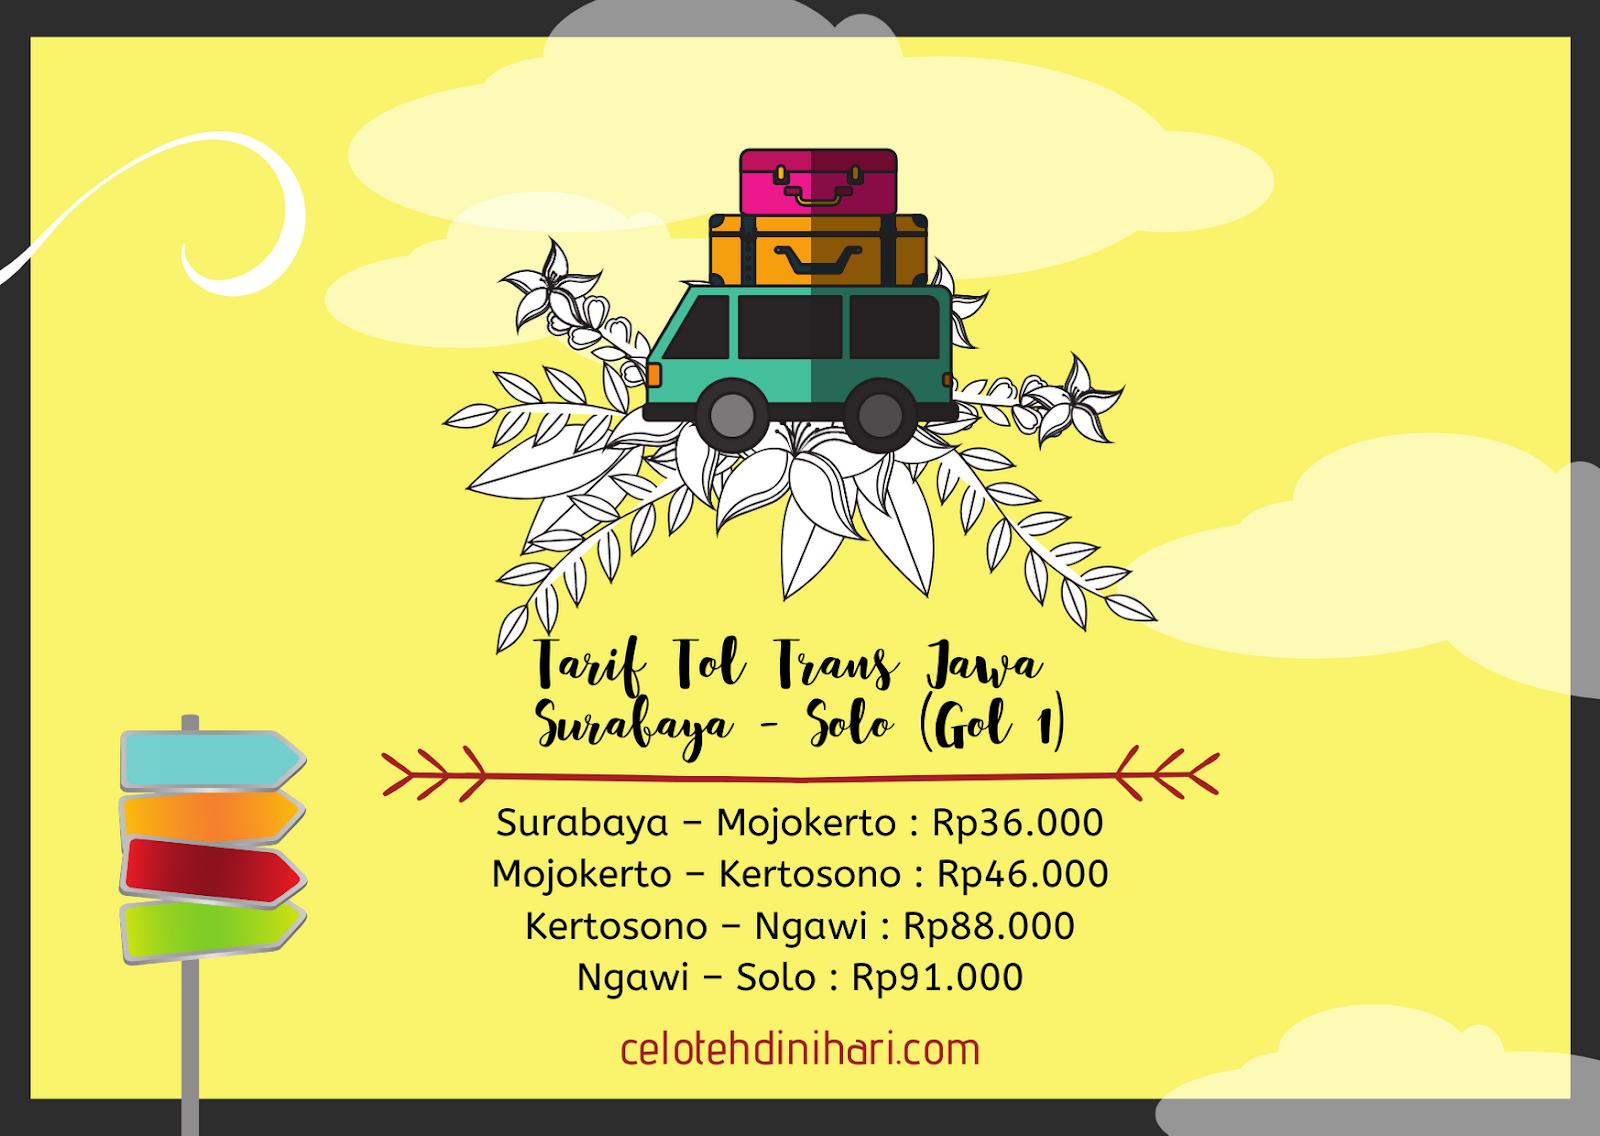 Transportasi unggul, indonesia maju